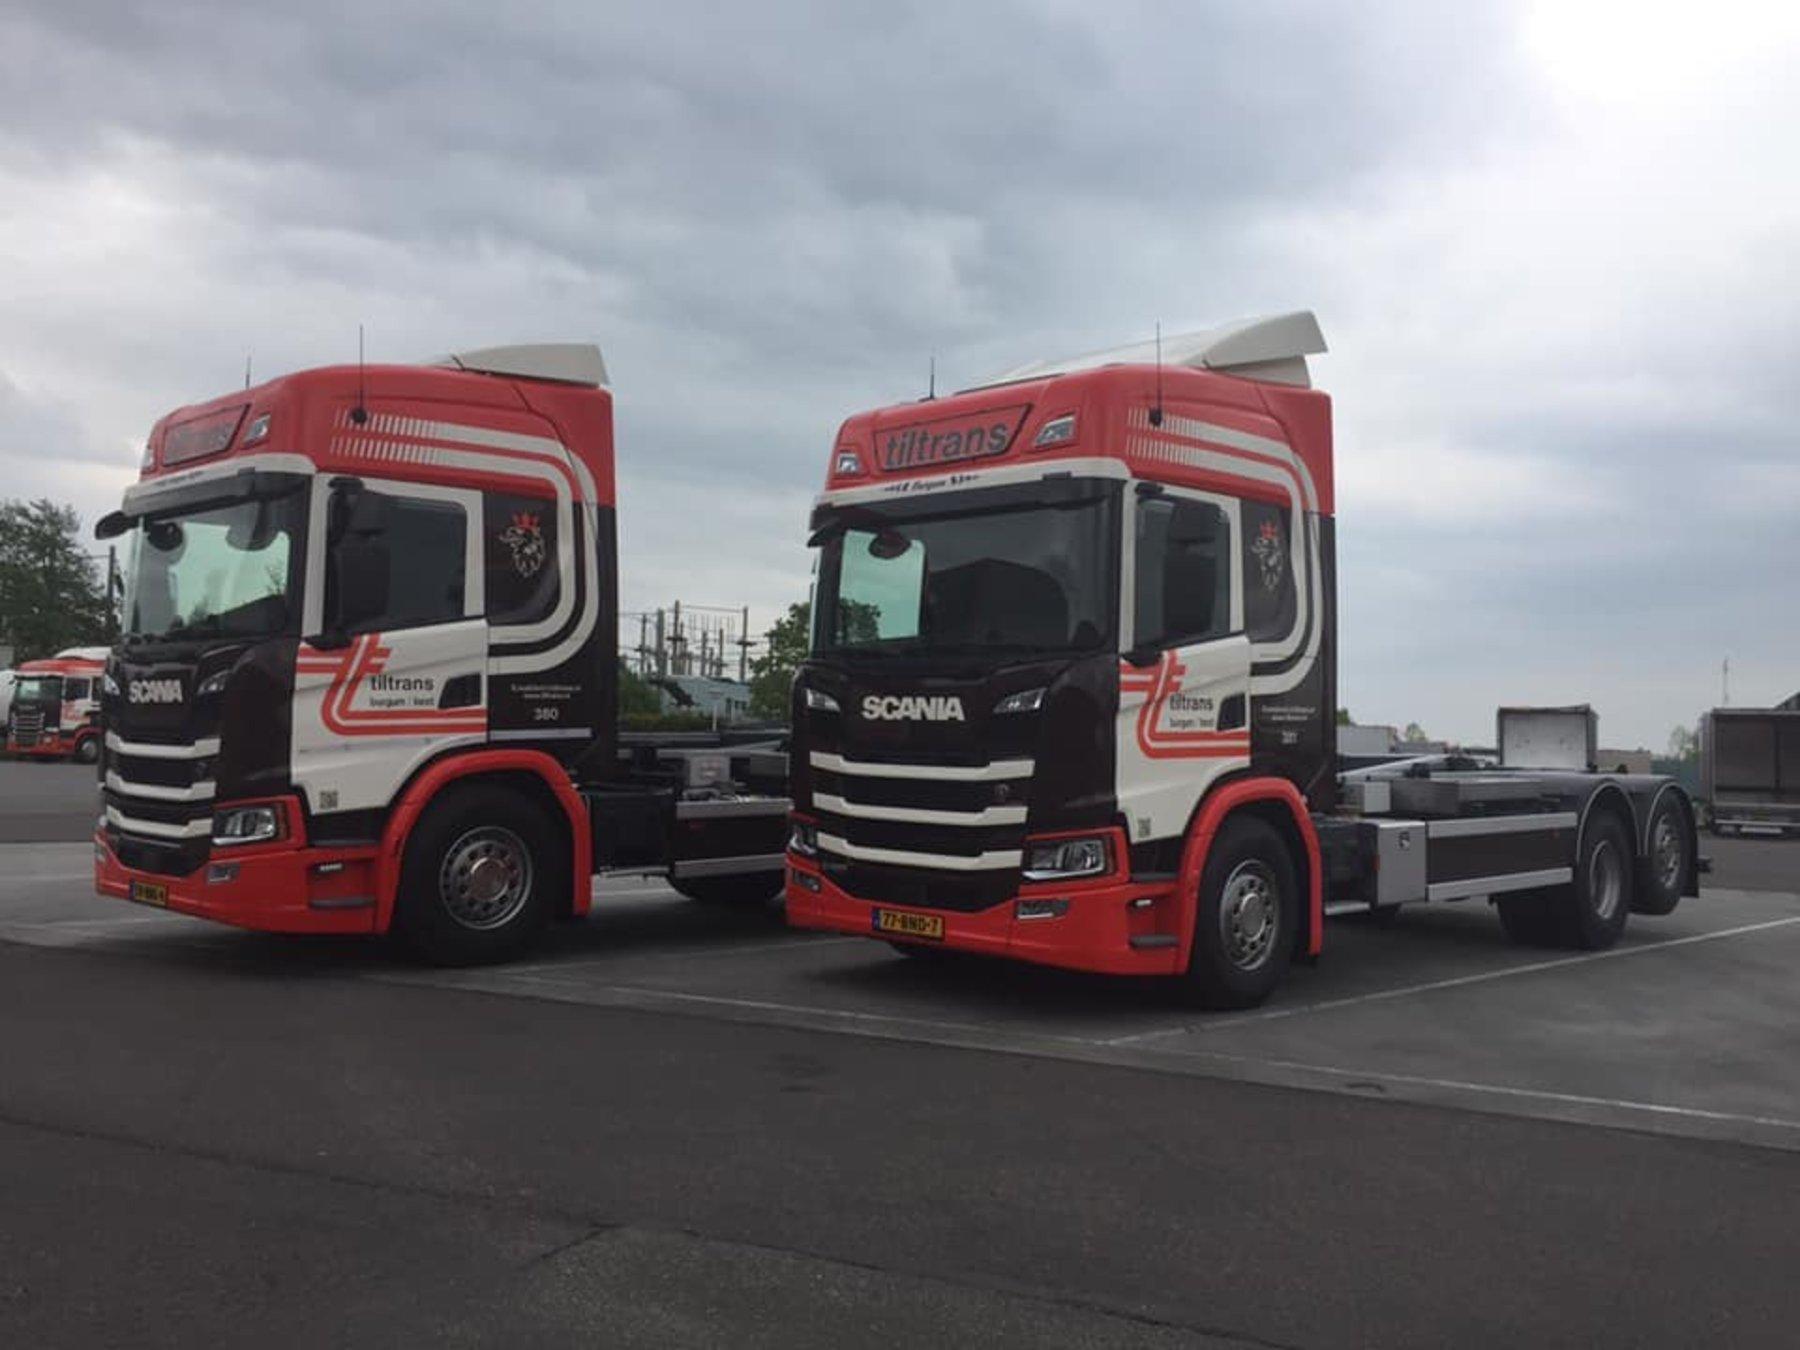 Scania-Rondaan-Carr-heeft-ze-aangepast